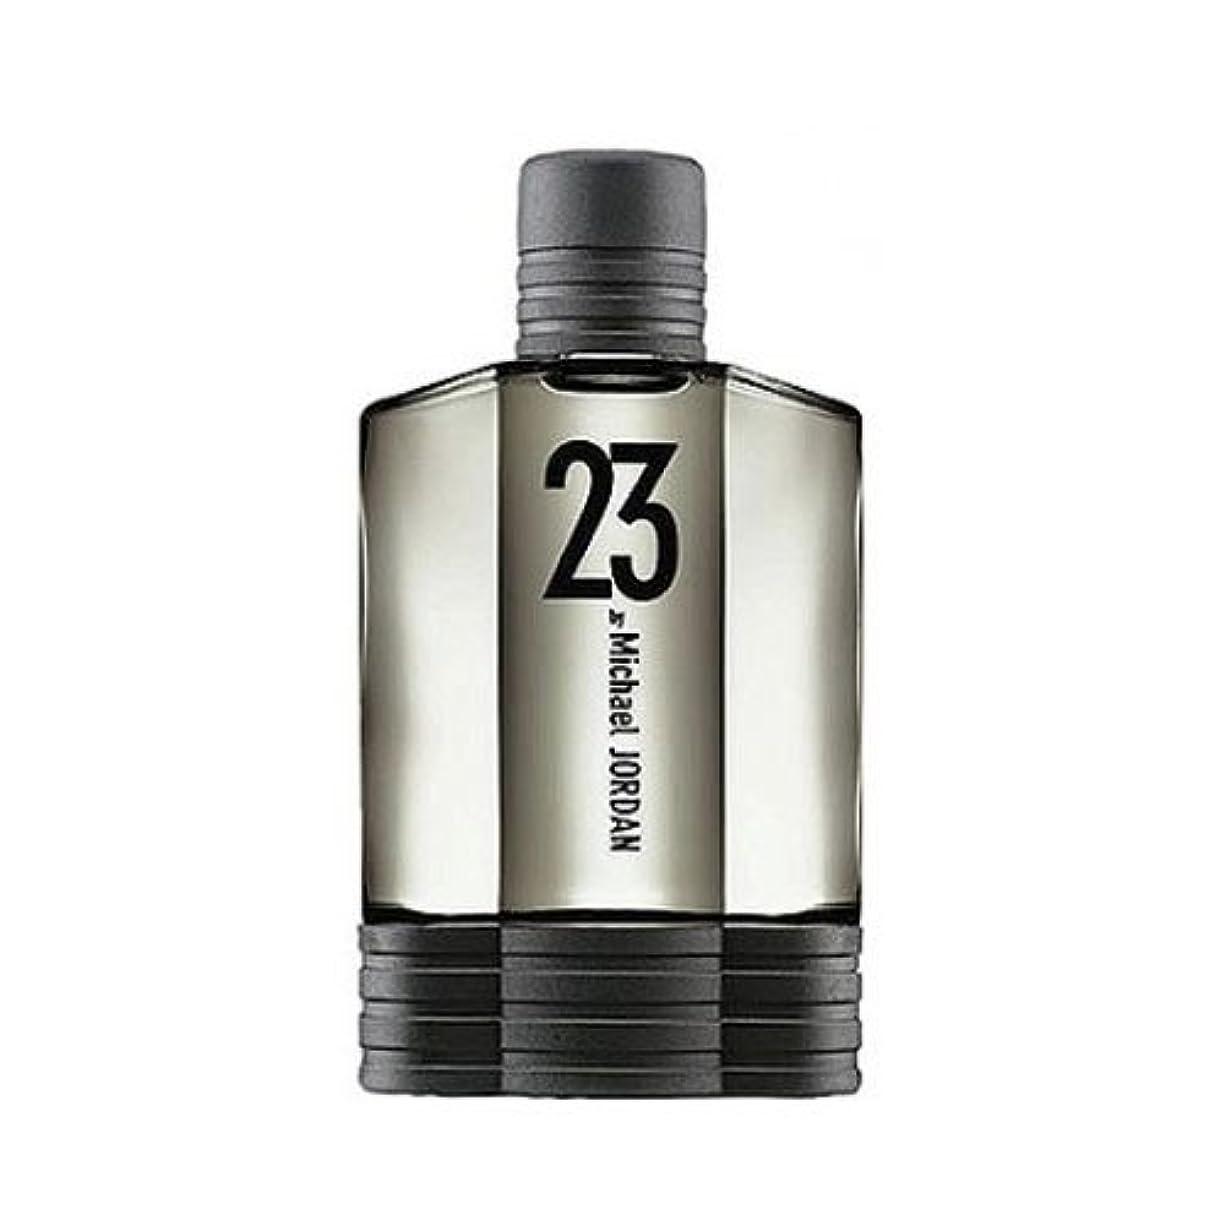 完璧な寺院慣らすMichael Jordan 香水 23 バイ マイケル ジョーダン オーデコロン 100ml EDC SP [並行輸入品]